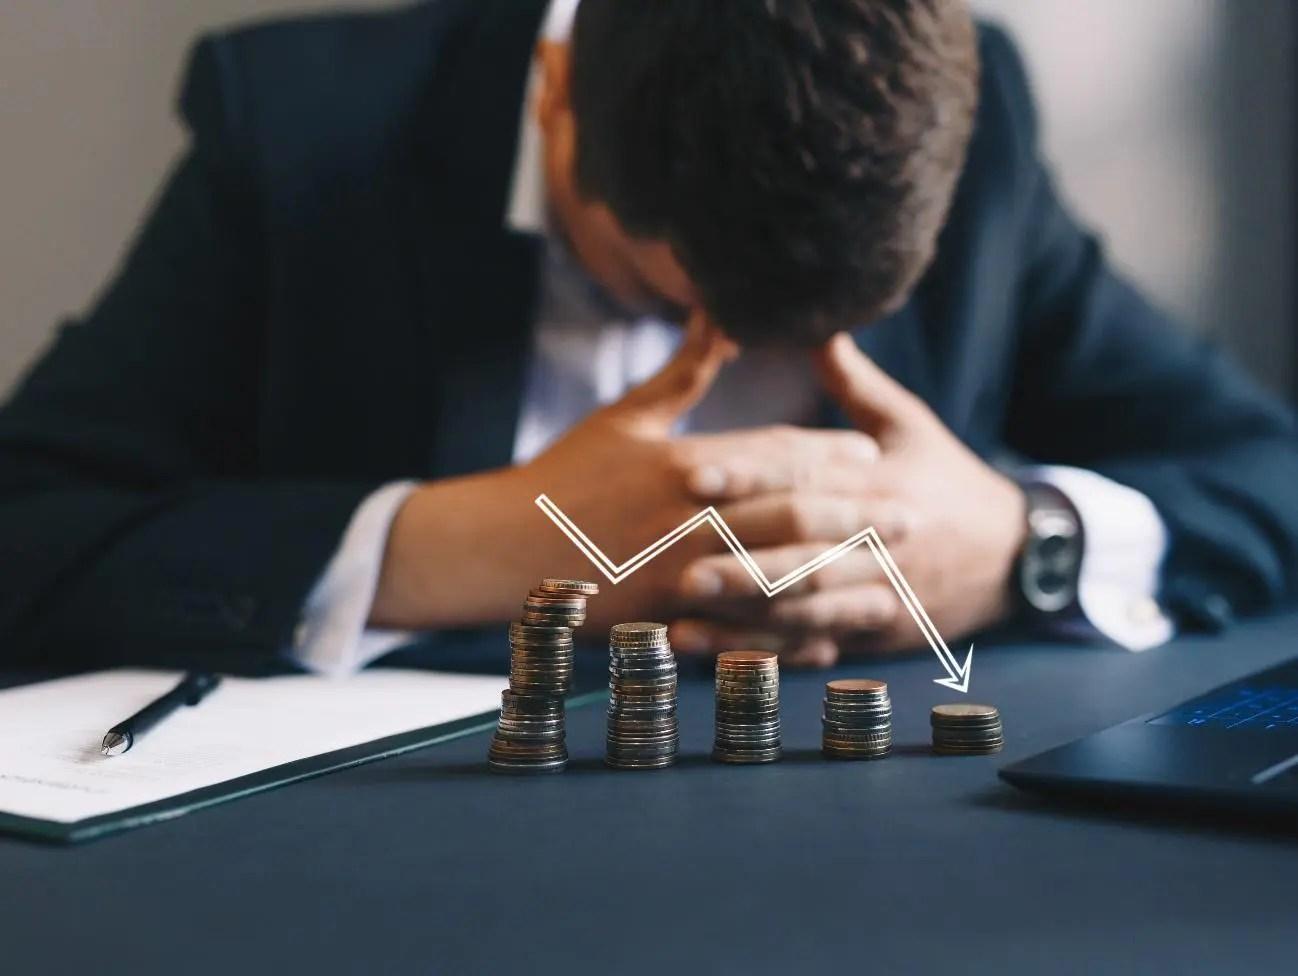 株で儲からない6つの典型例!ダメな理由と合理的に儲ける心がけとは?